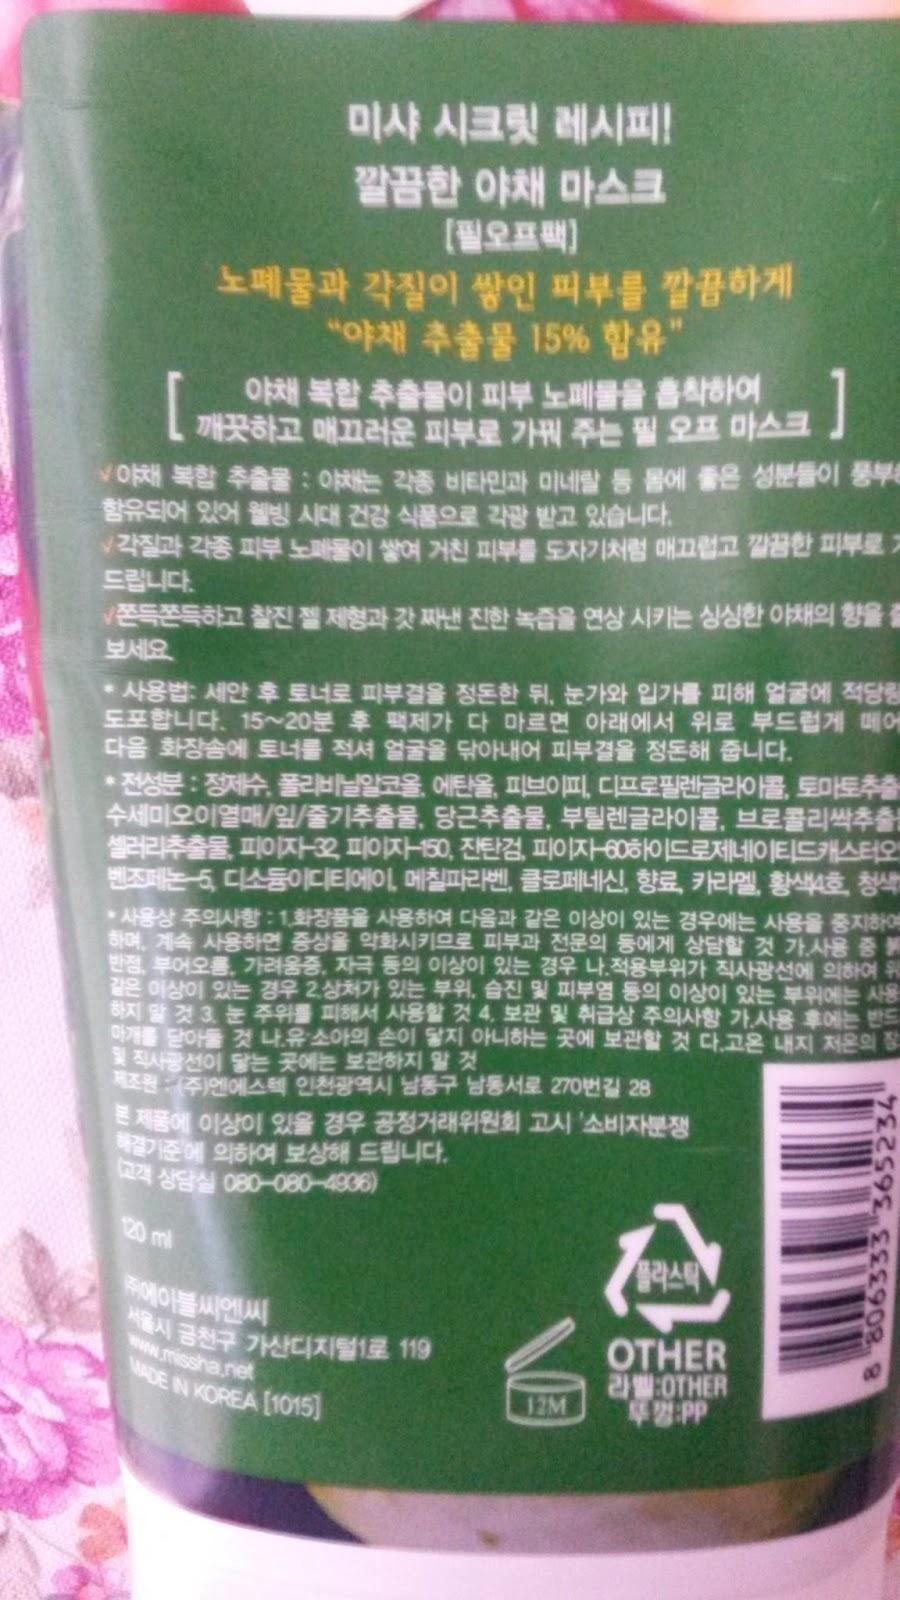 MISSHA SECRET RECIPE CLEAN VEGETABLES MASK